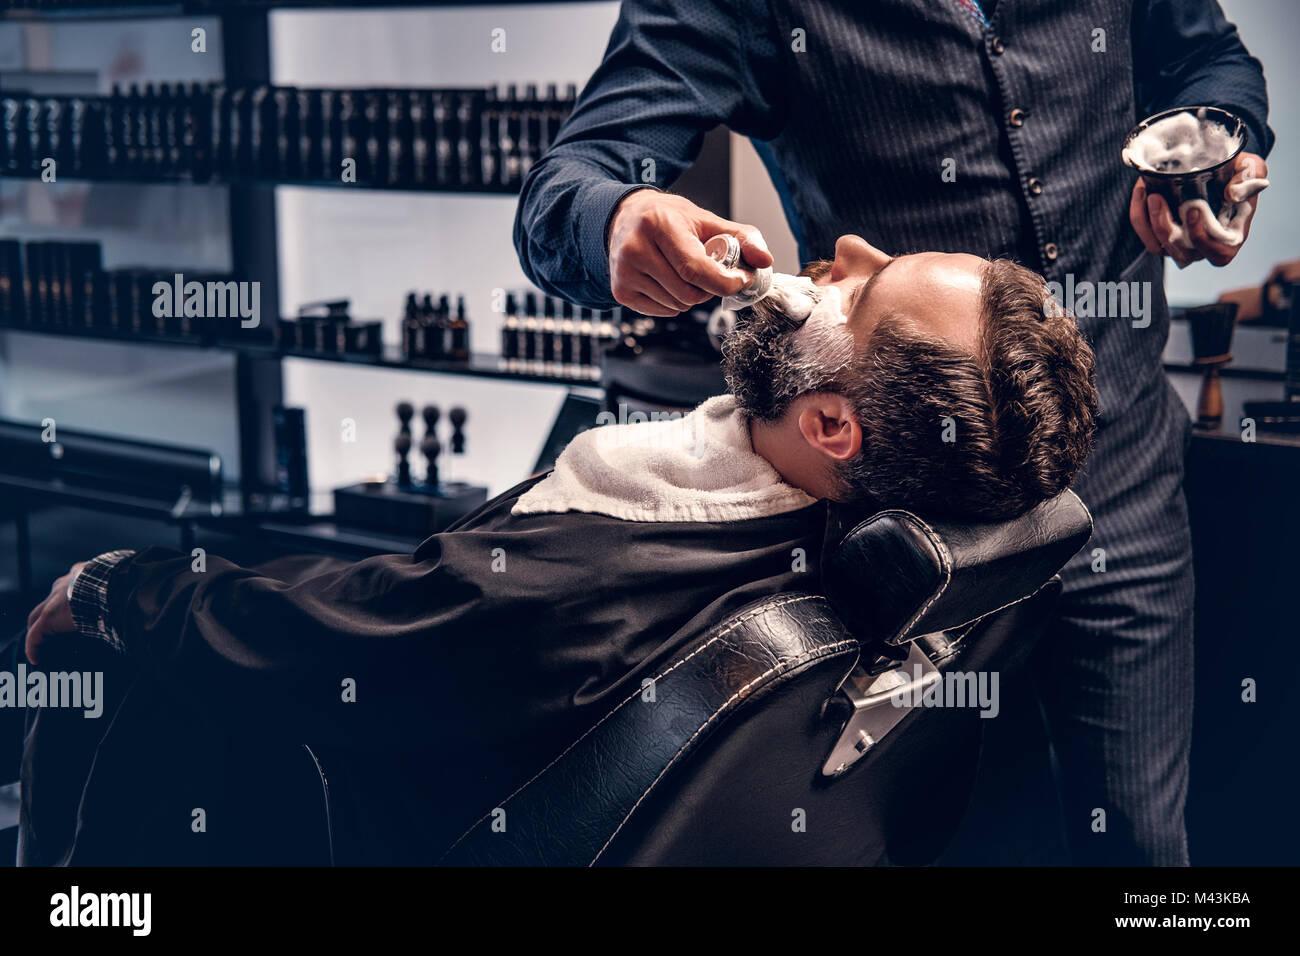 Barbero Aplica espuma de afeitar Imagen De Stock